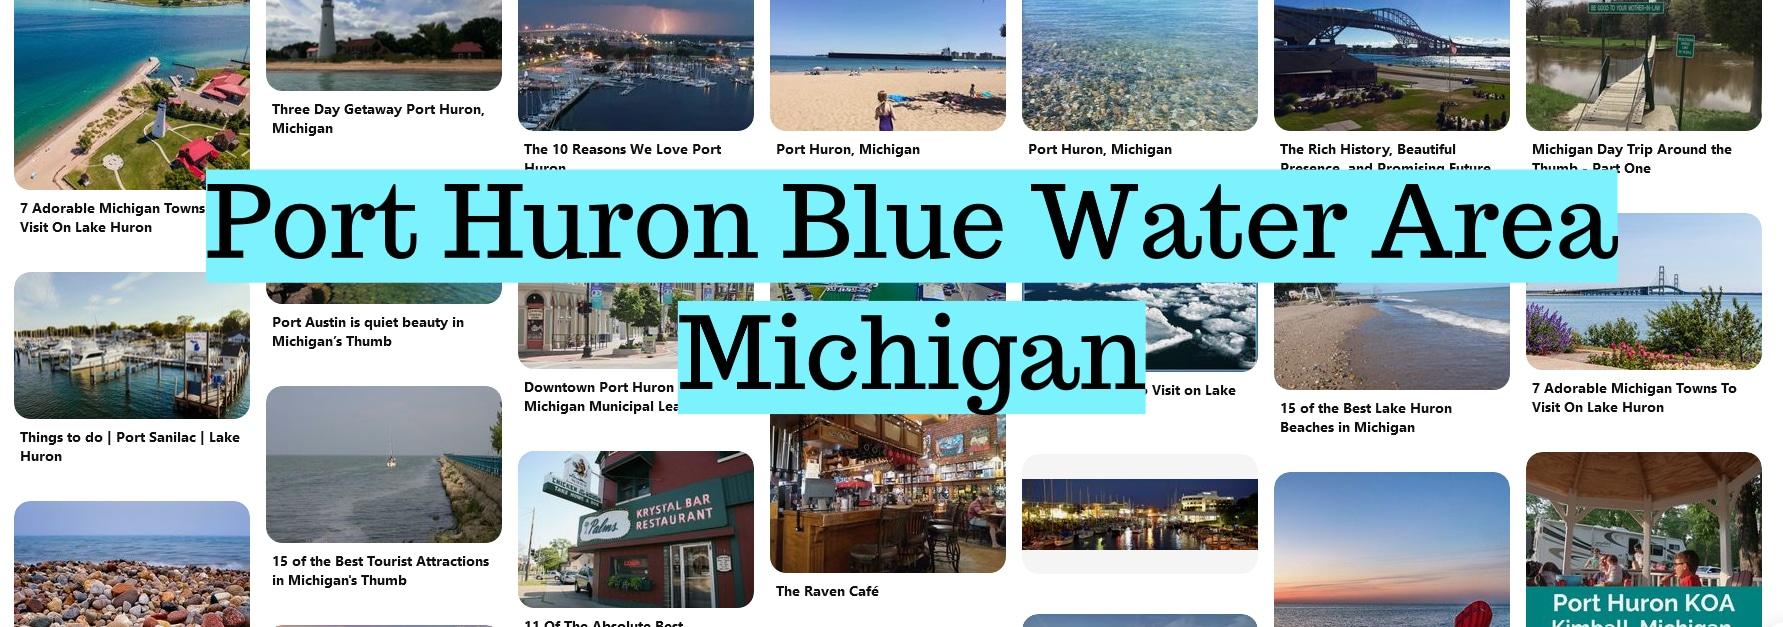 Port Huron Blue Water Area Michigan